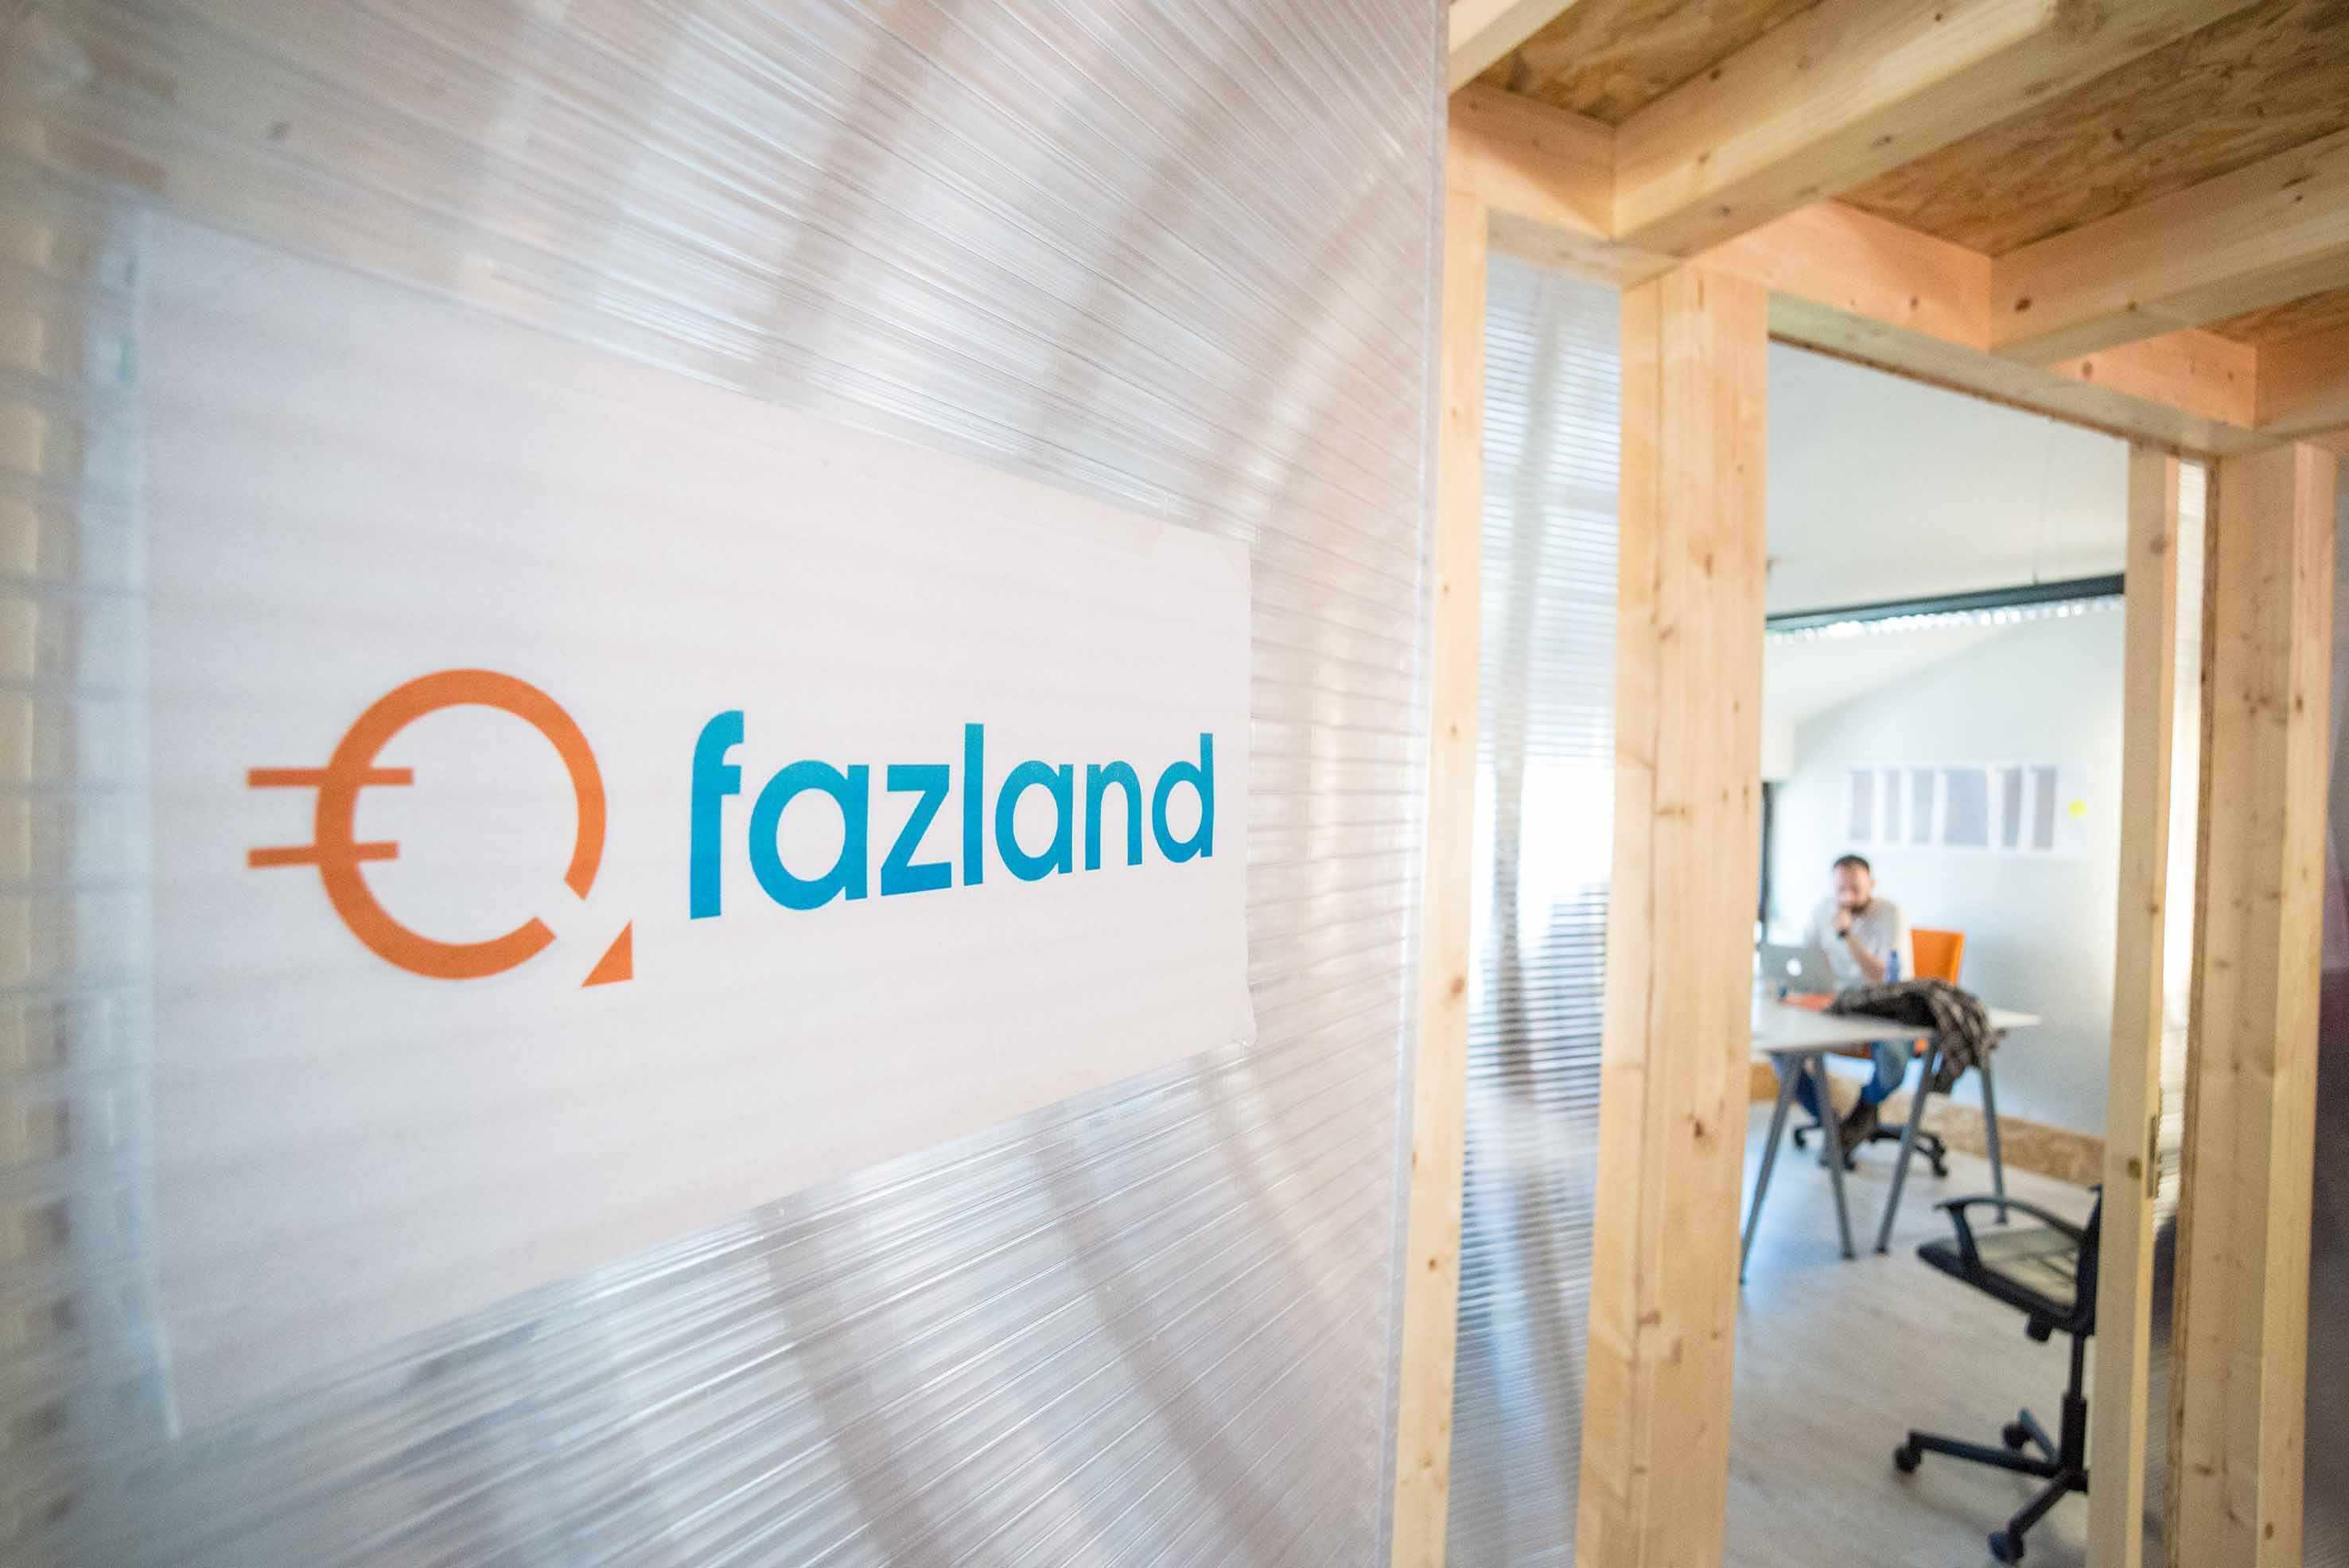 Fazland, la startup che confronta i preventivi da artigiani e aziende